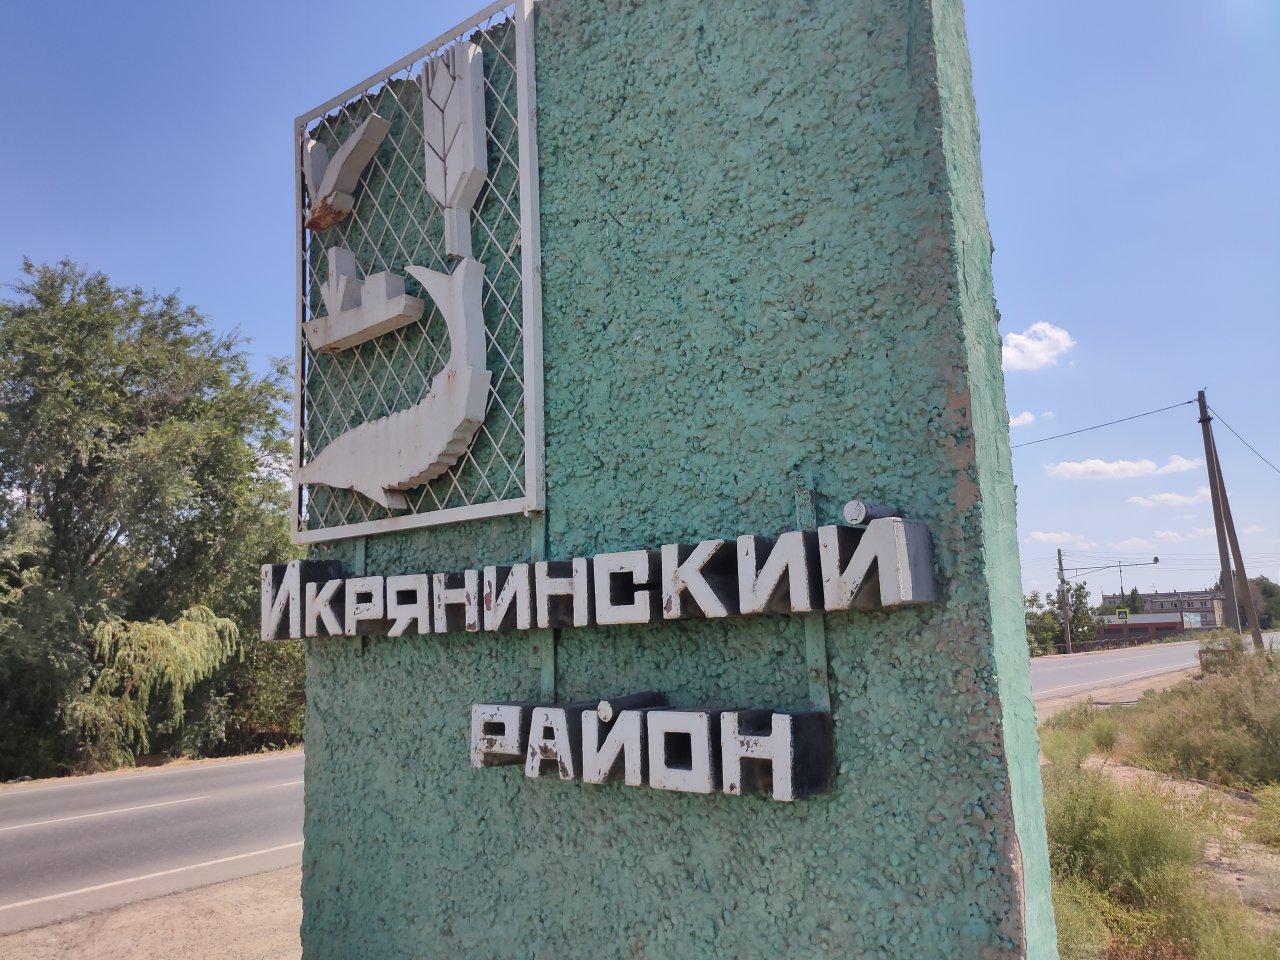 Жители Икрянинского района жалуются на хамство «диких» туристов